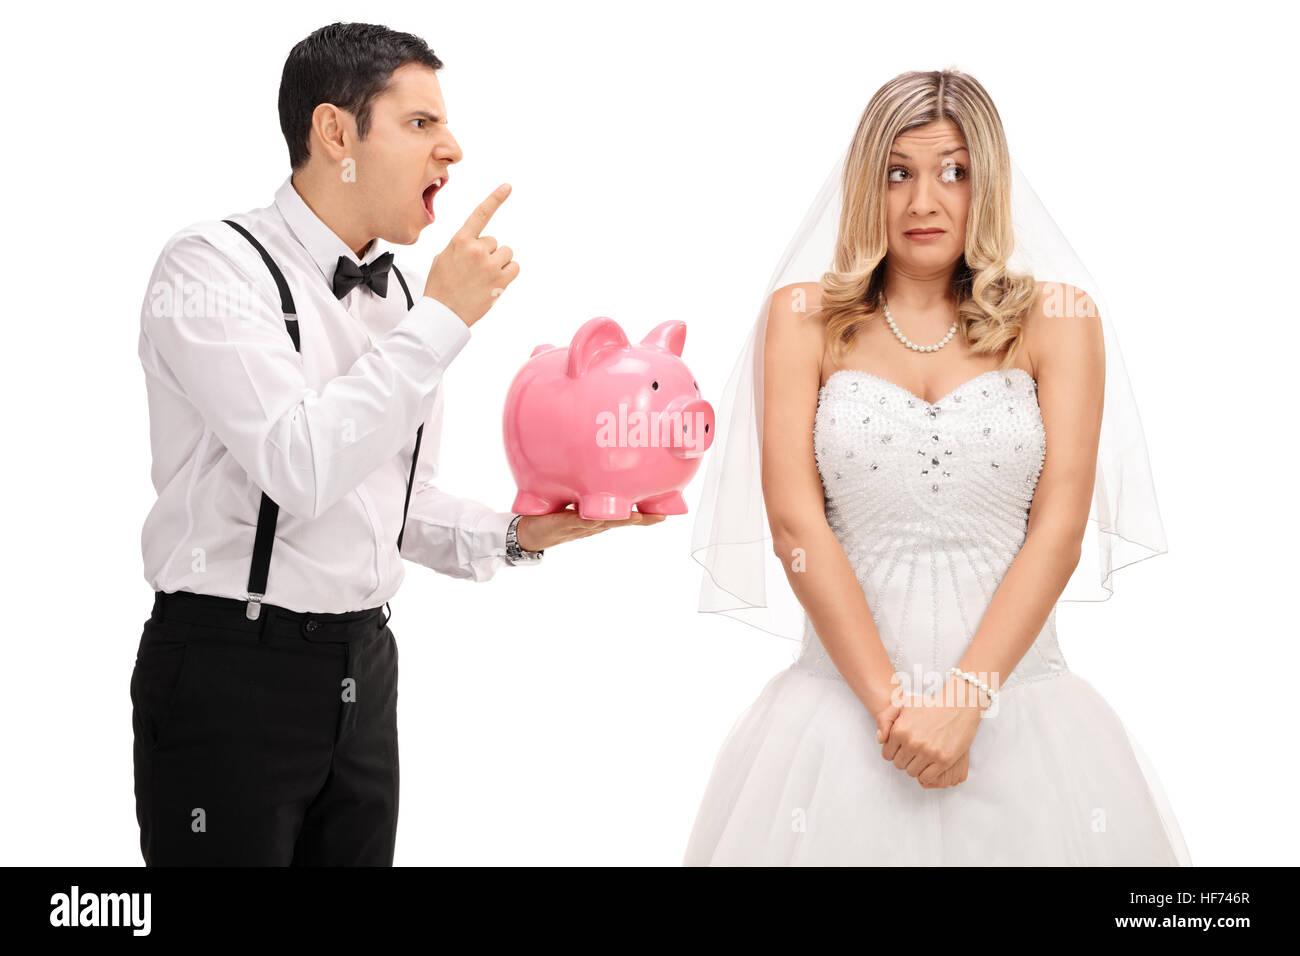 Enojado el novio sosteniendo una alcancía y un regaño avergonzada novia aislado sobre fondo blanco. Imagen De Stock